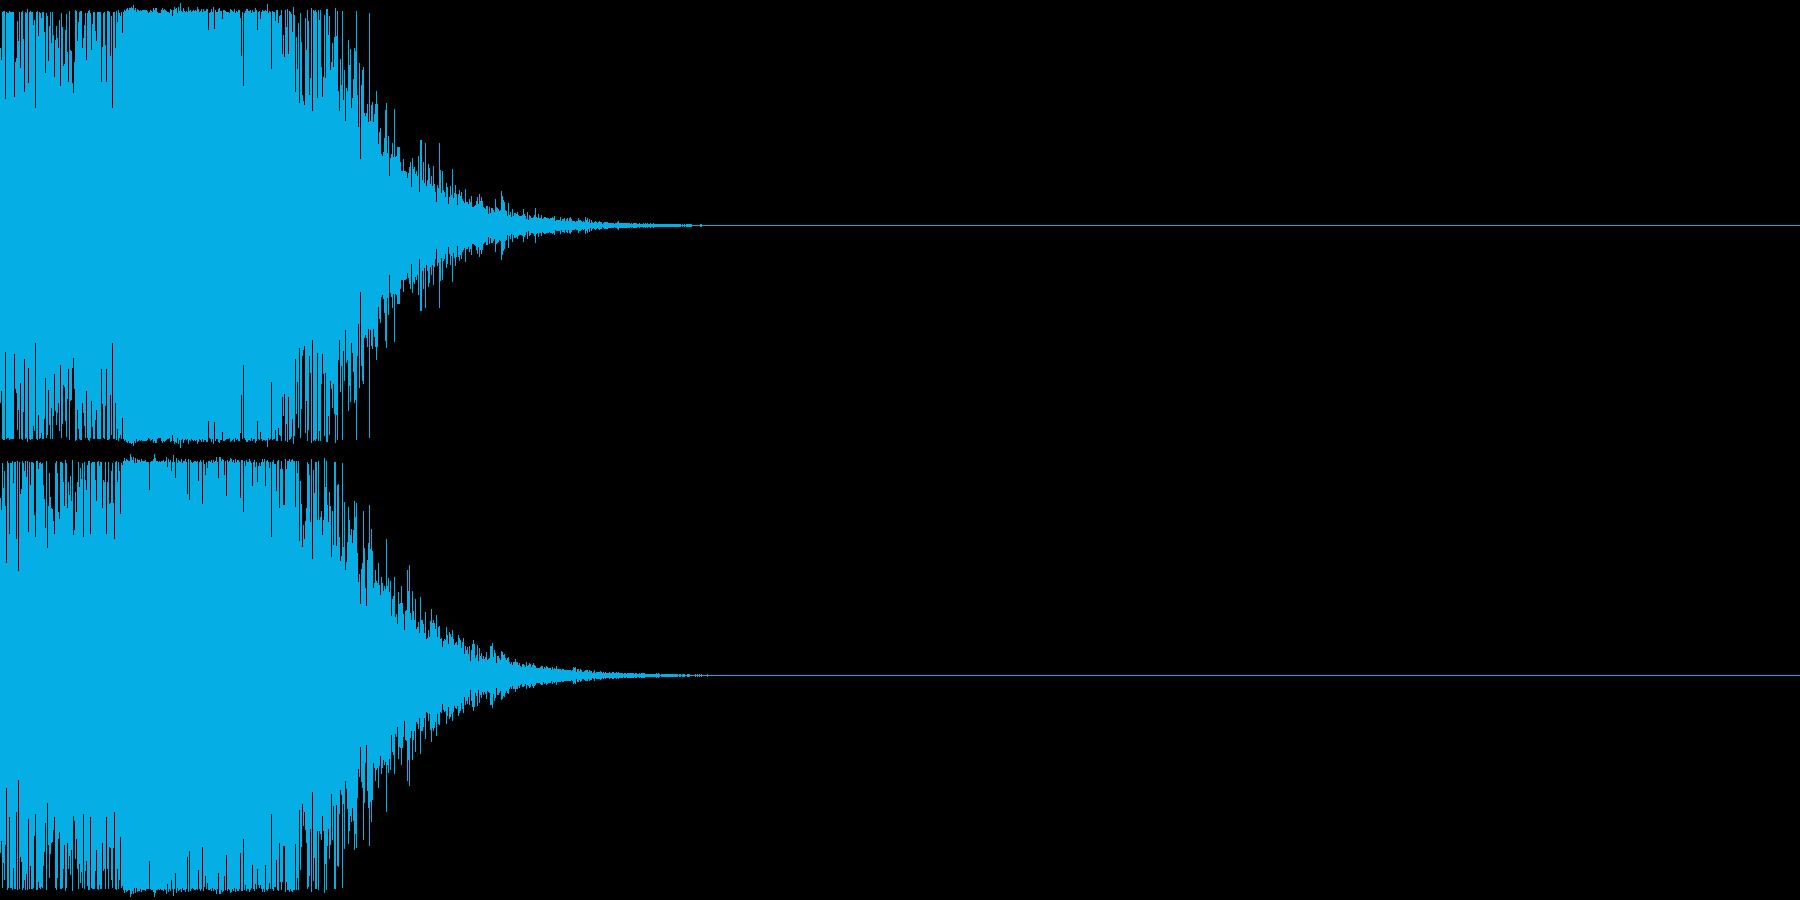 クイズ 面白い ワンポイントの再生済みの波形